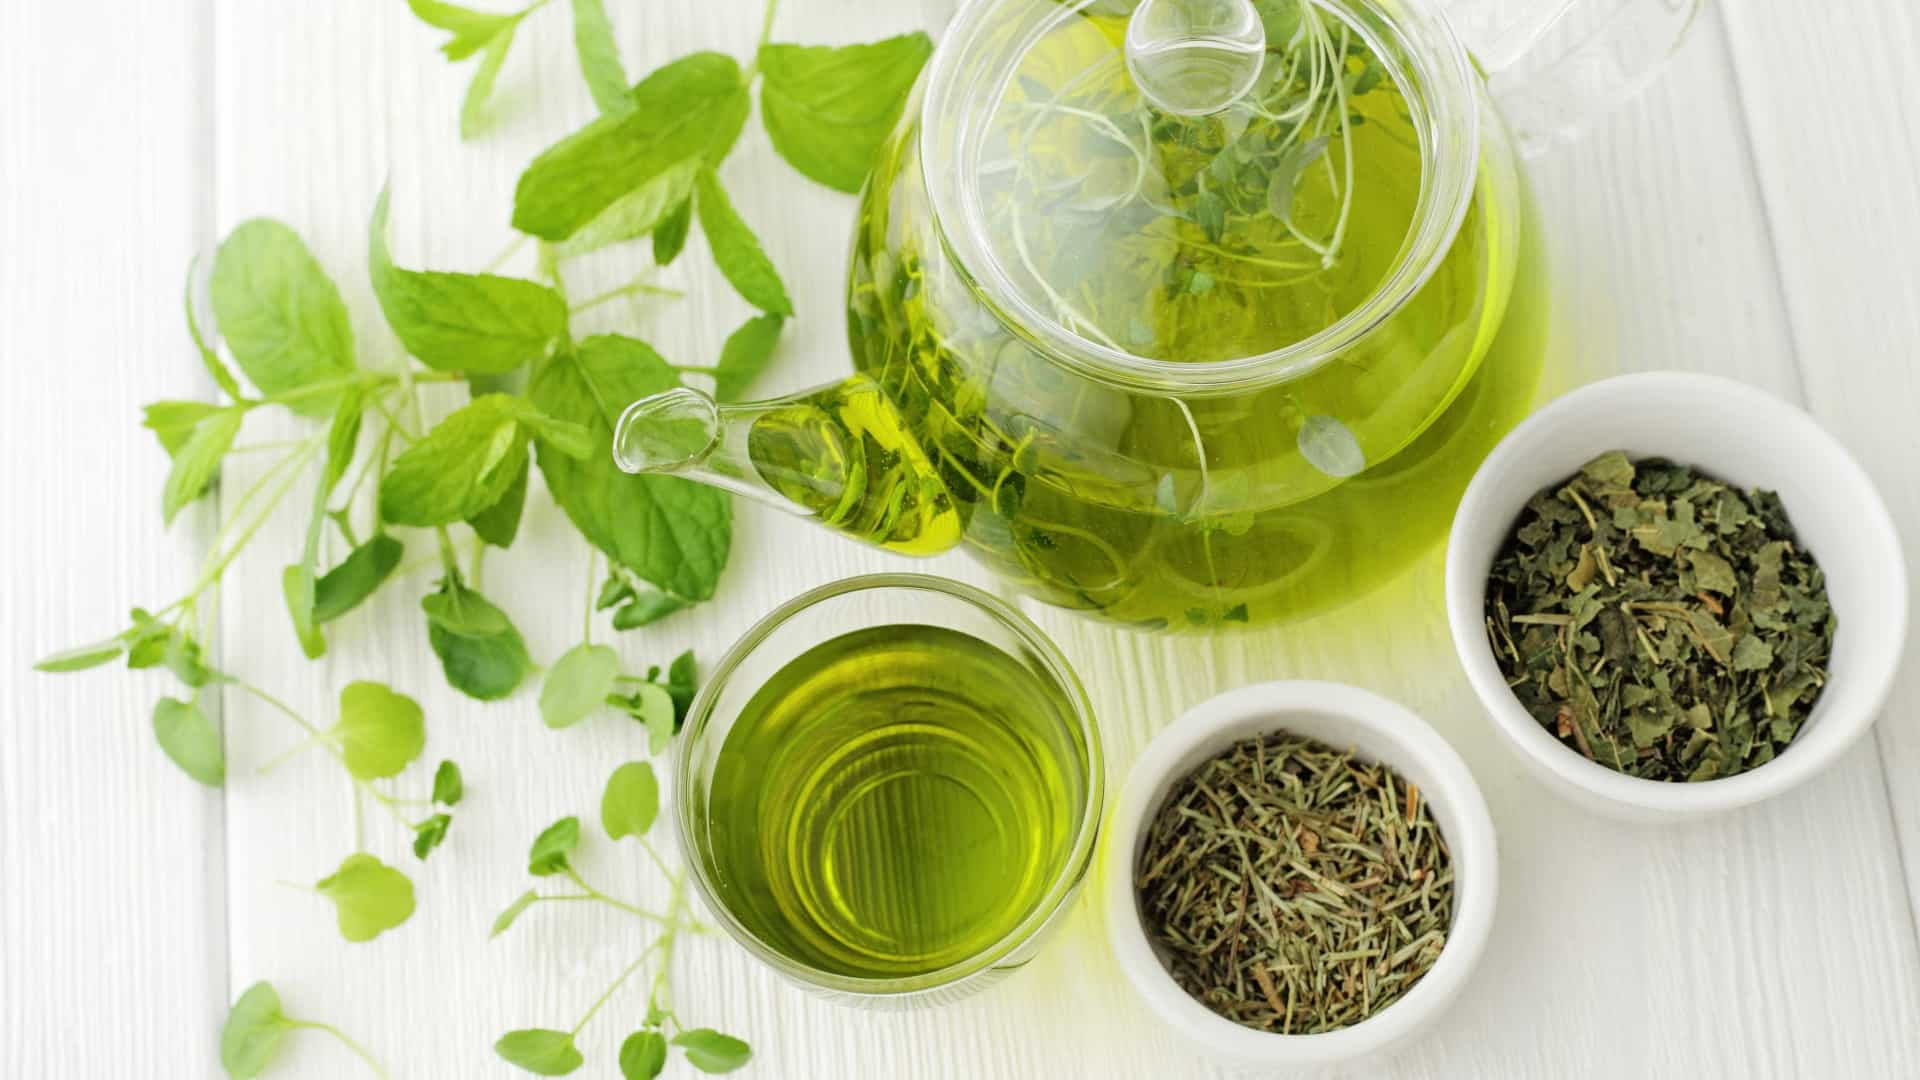 Beber chá verde no lugar do chá preto pode ajudá-lo a viver mais